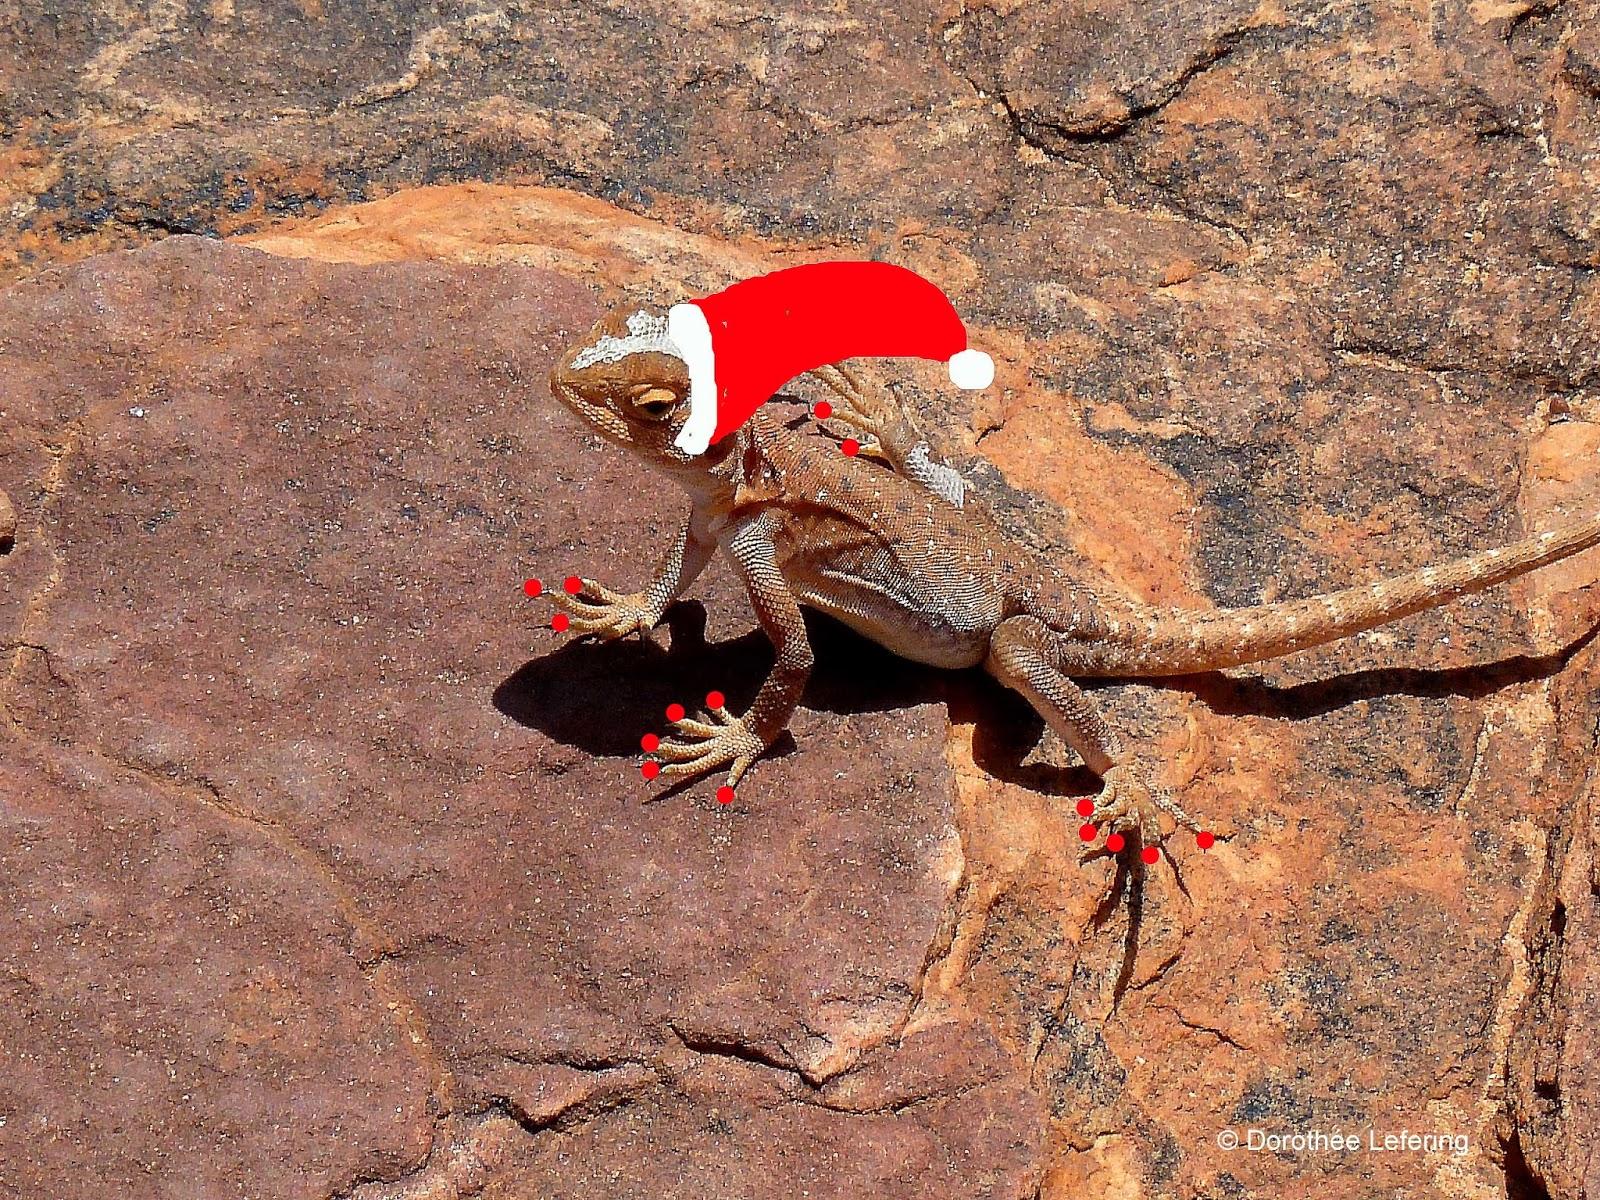 AUSTRALIEN-EREIGNISSE: Australien: Noch sechs Tage bis Weihnachten